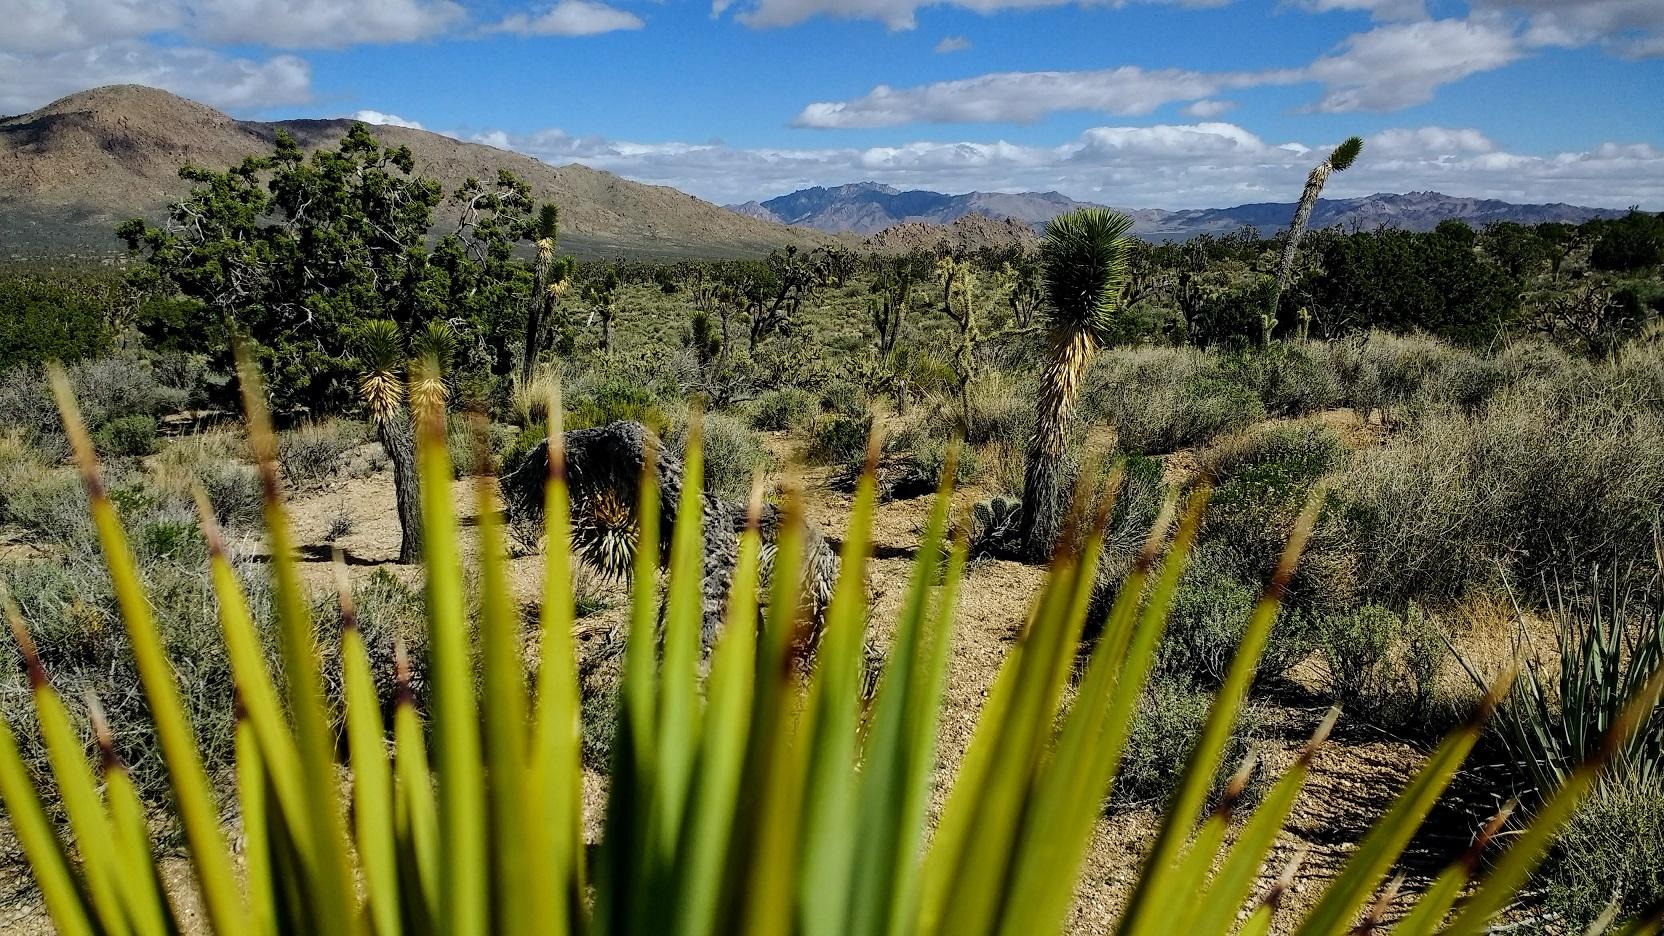 Mojave Desert Spikes